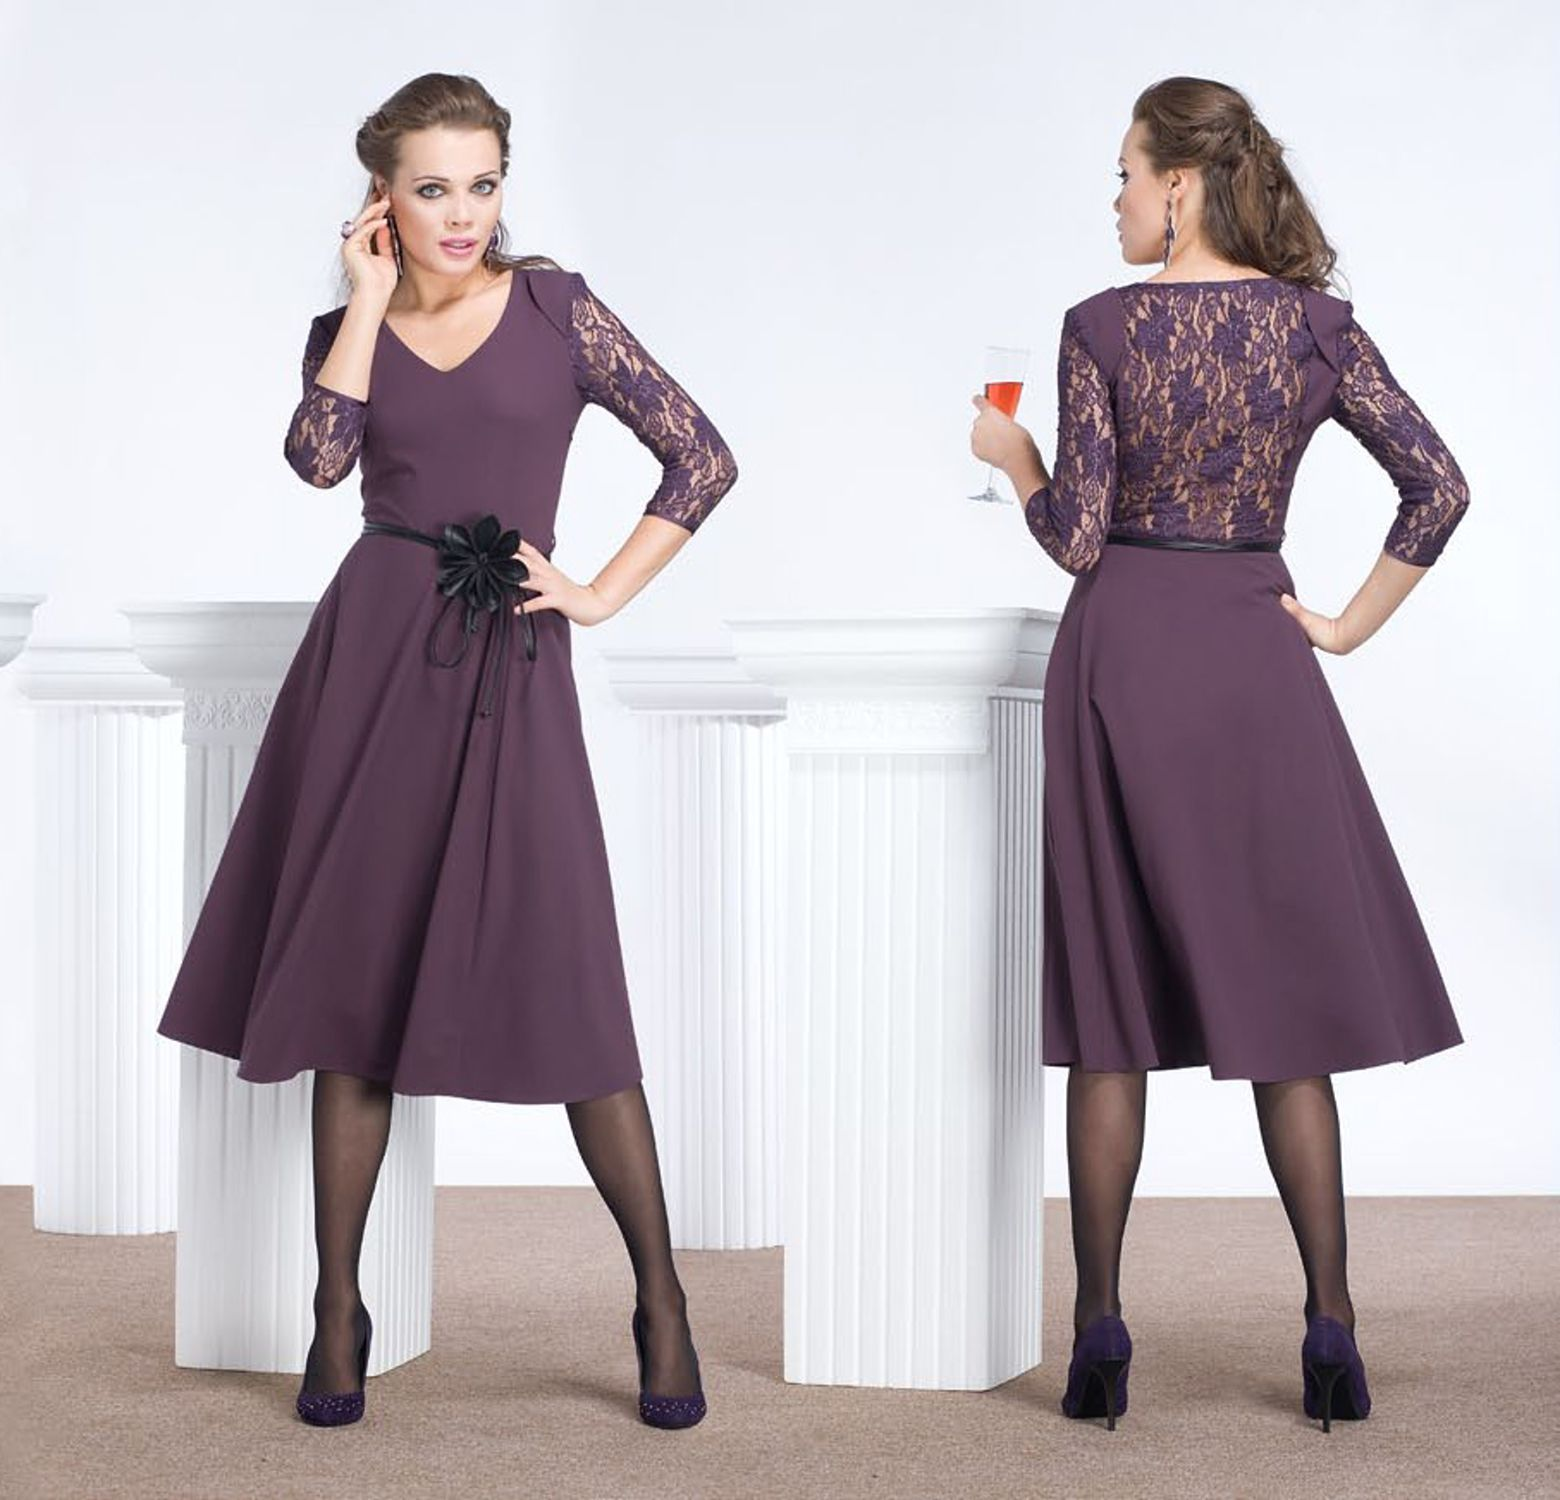 вечернее платье, которое отличается лаконичностью. Стиль минимализм как всегда марширует в строе среди самых продвинутых хитов. Декорированное гипюром и